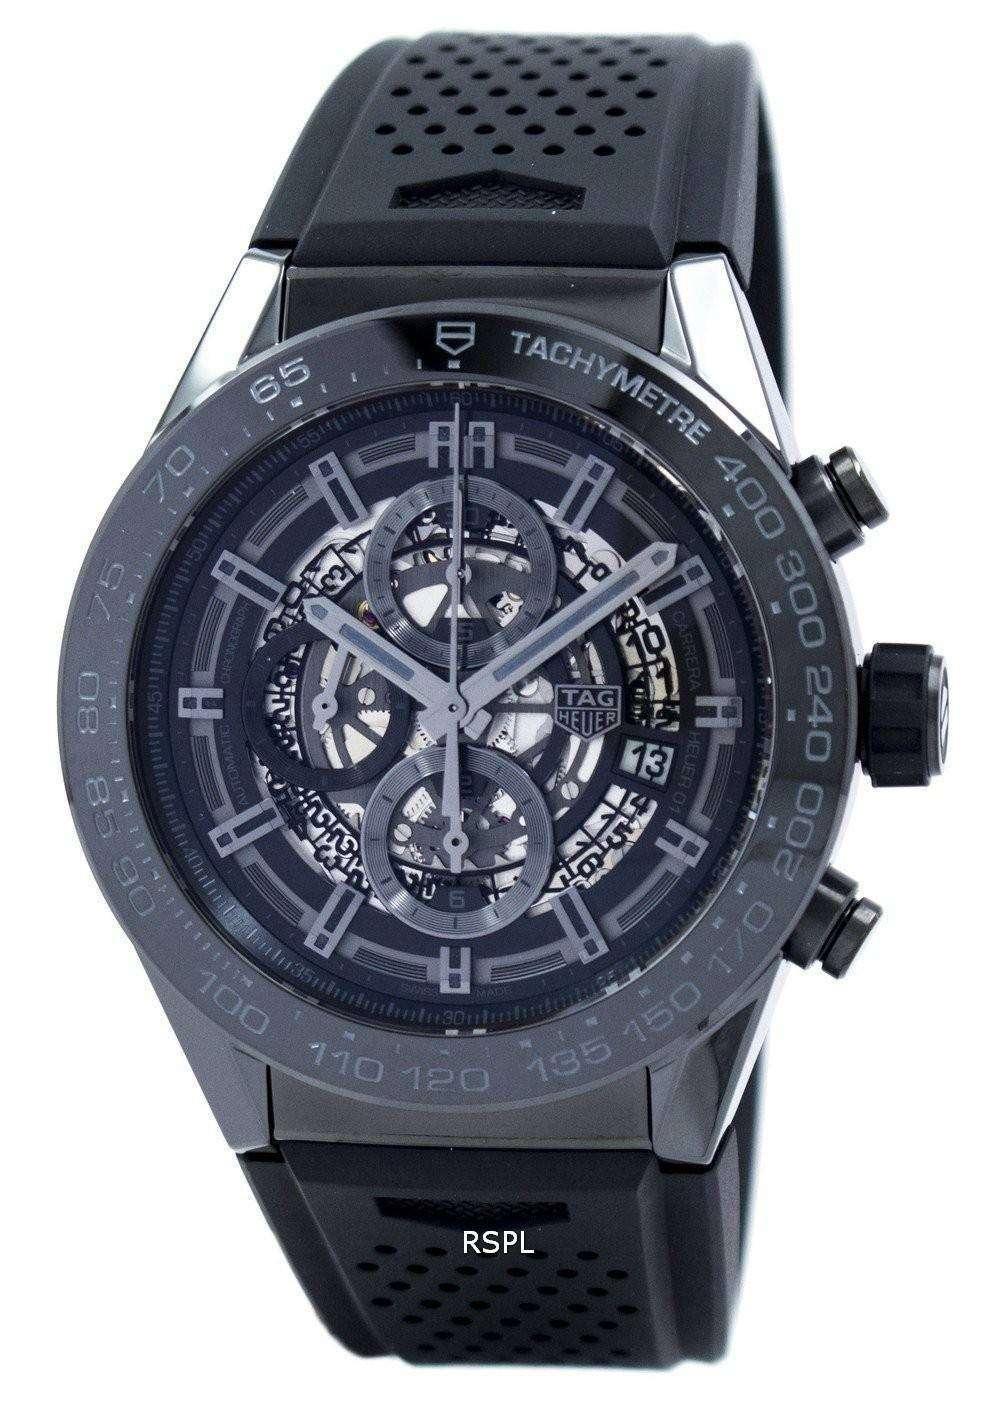 タグ ・ ホイヤー カレラ クロノグラフ自動 CAR2A90。FT6071 メンズ腕時計